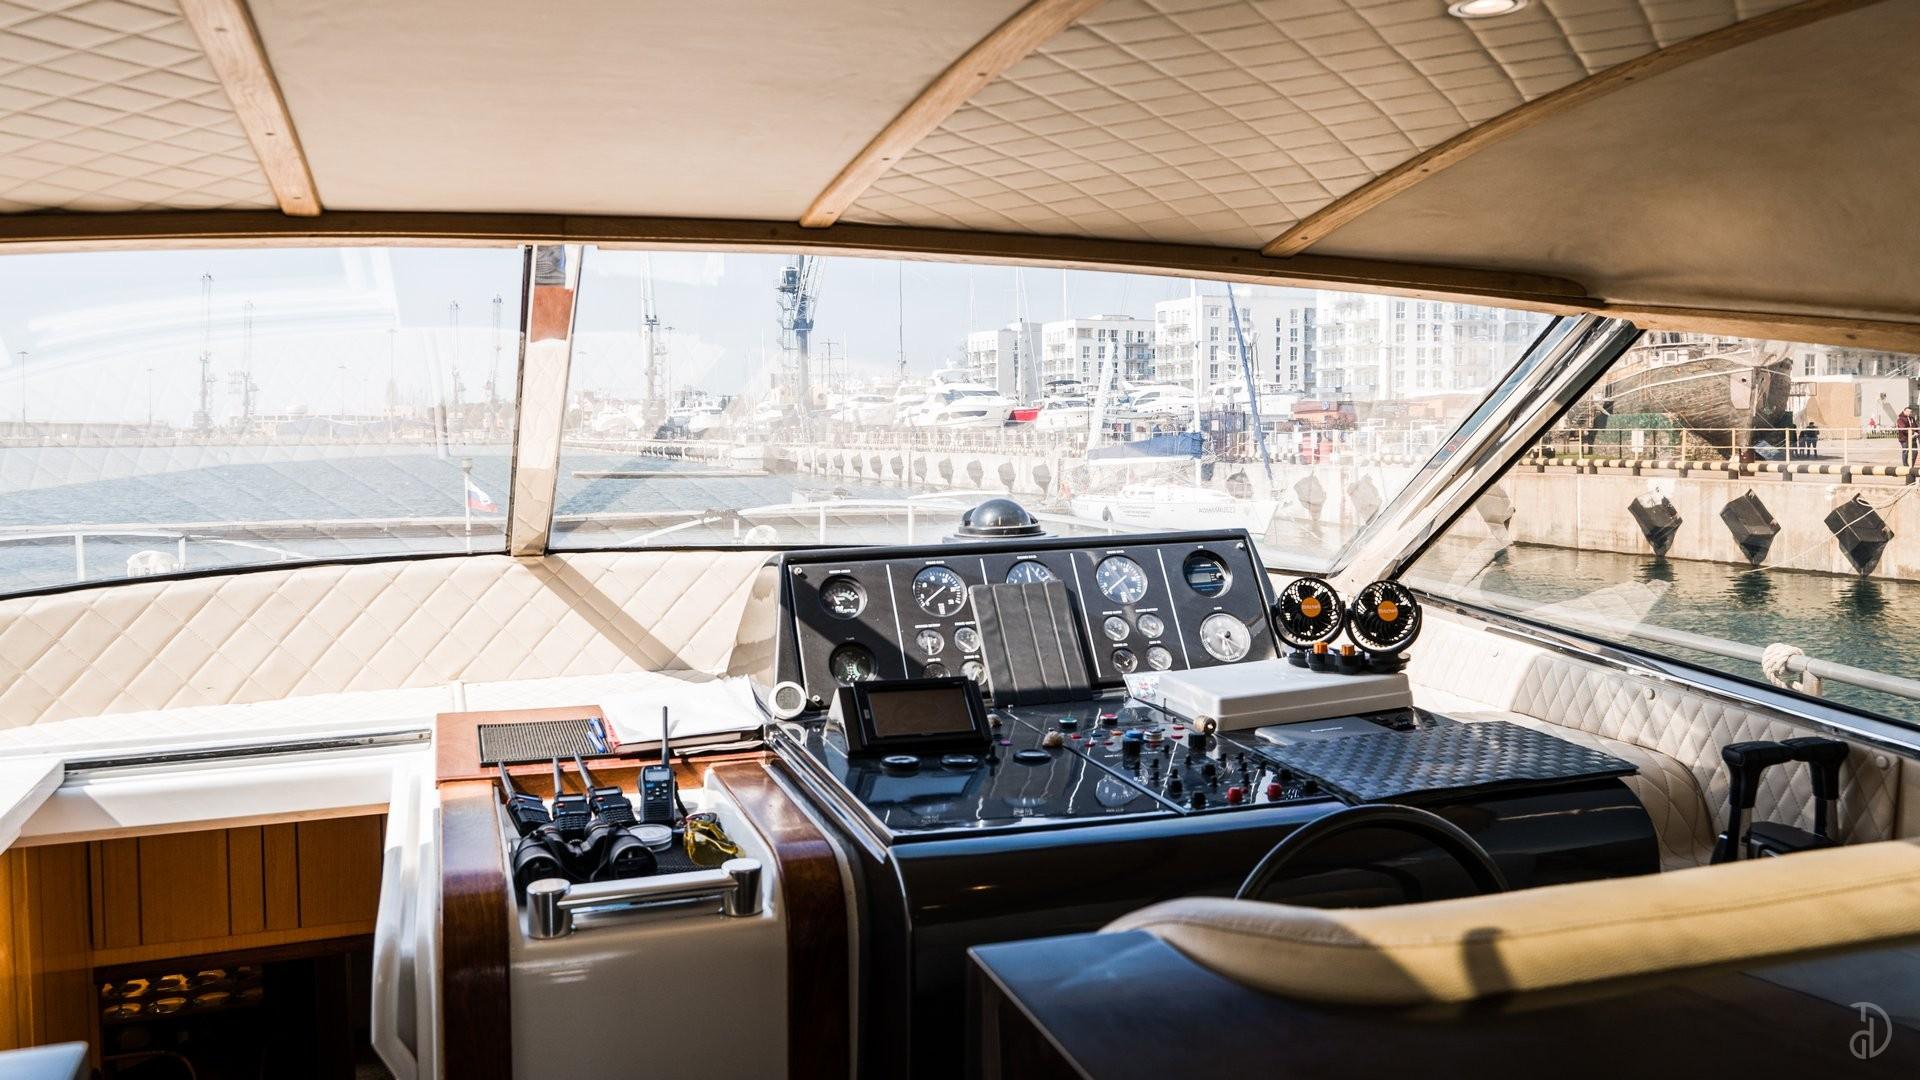 Аренда моторной яхты Vela De Plata. Фото 12